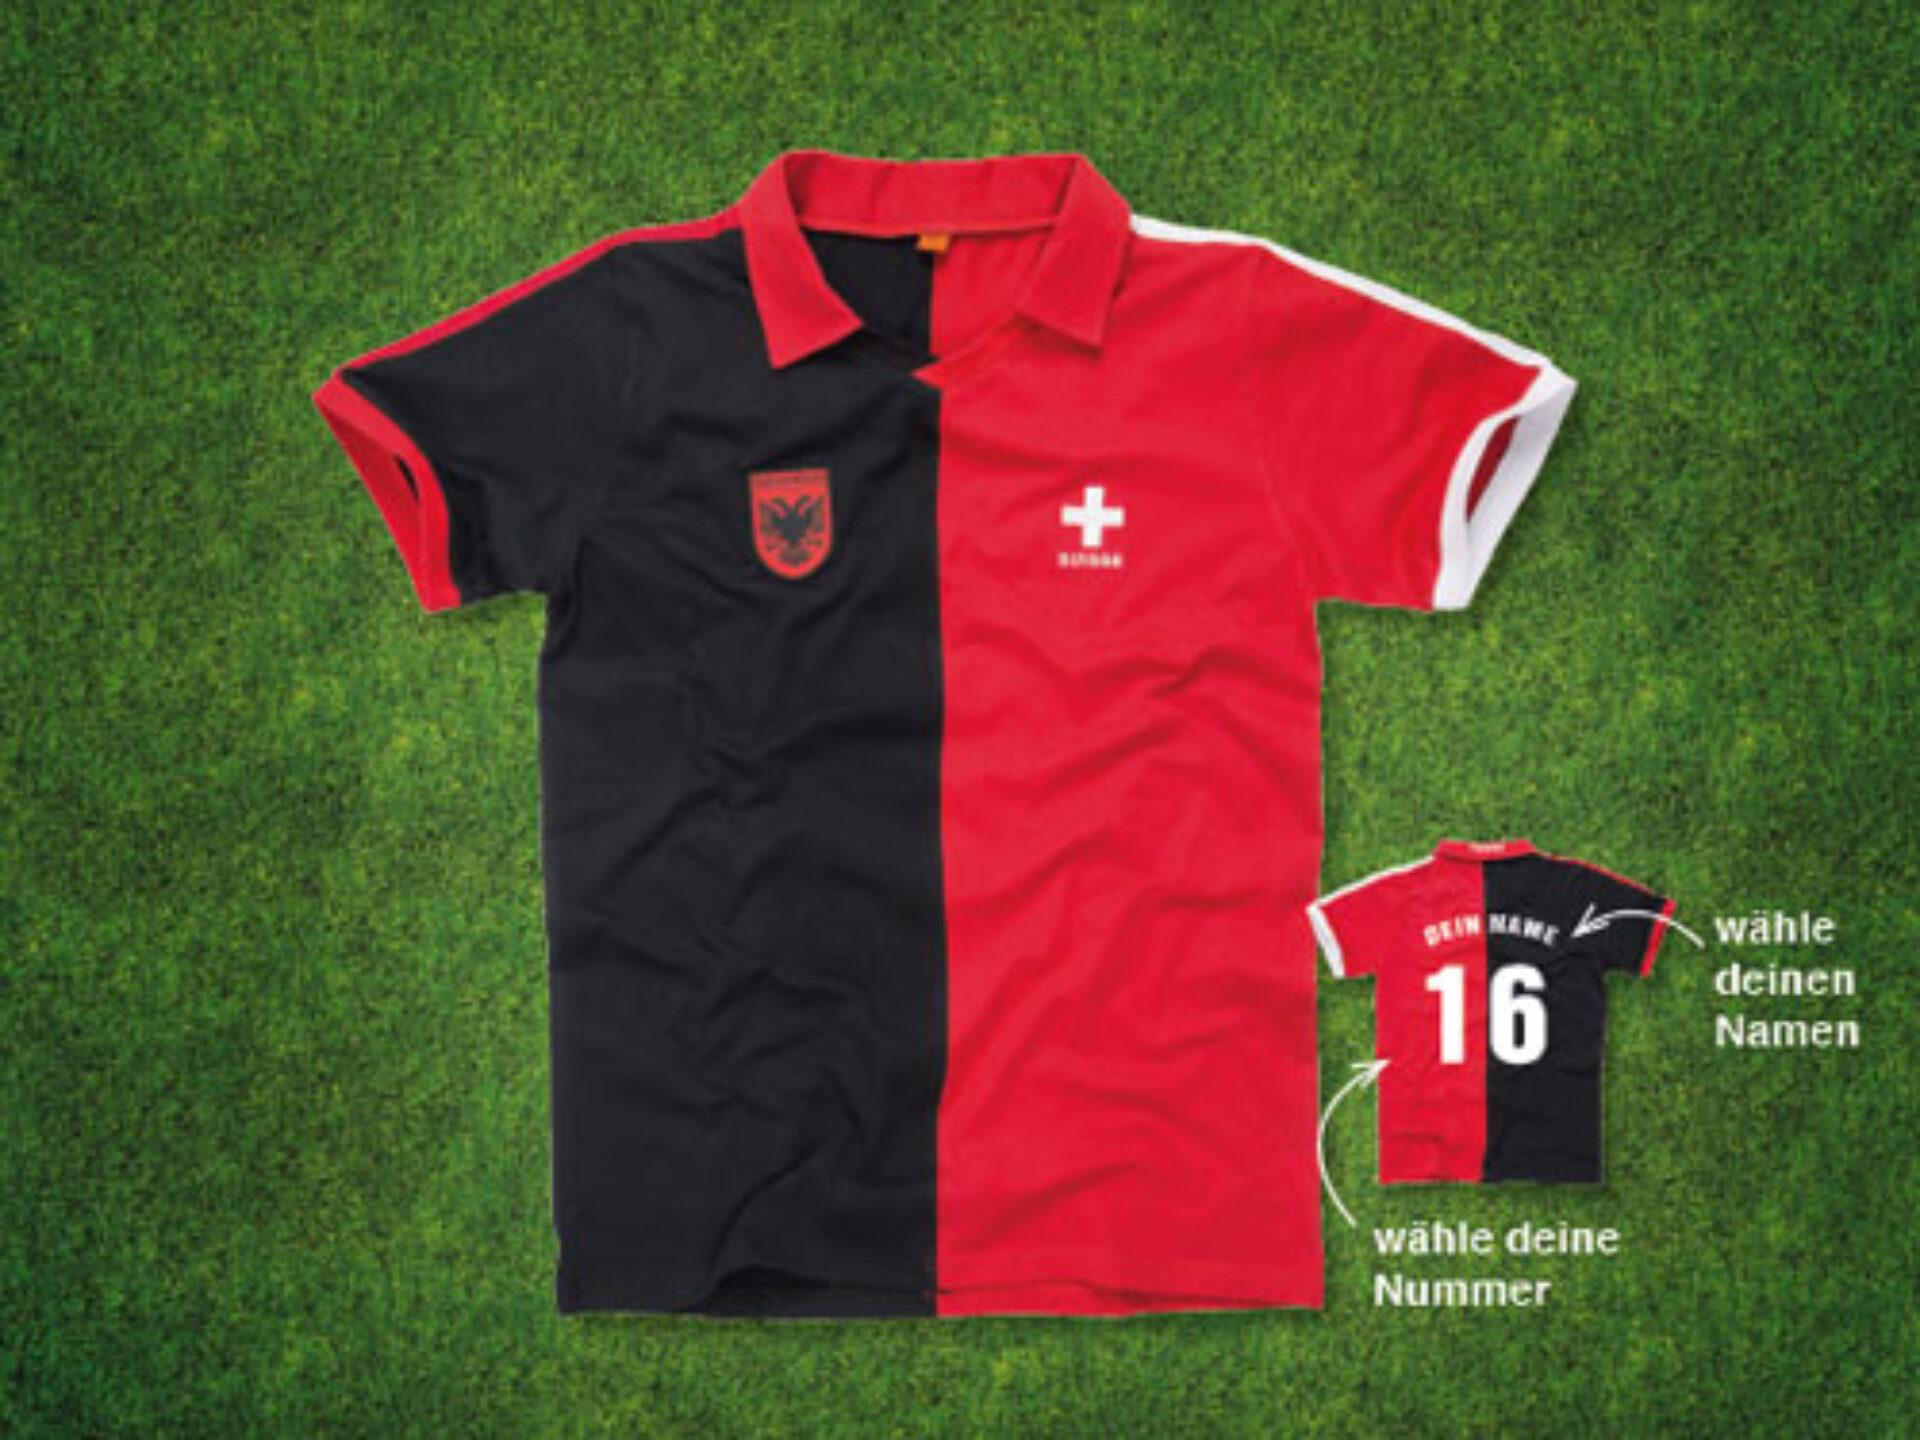 fussball-fanshirt-individuell-mit-namen-bedruckt-1